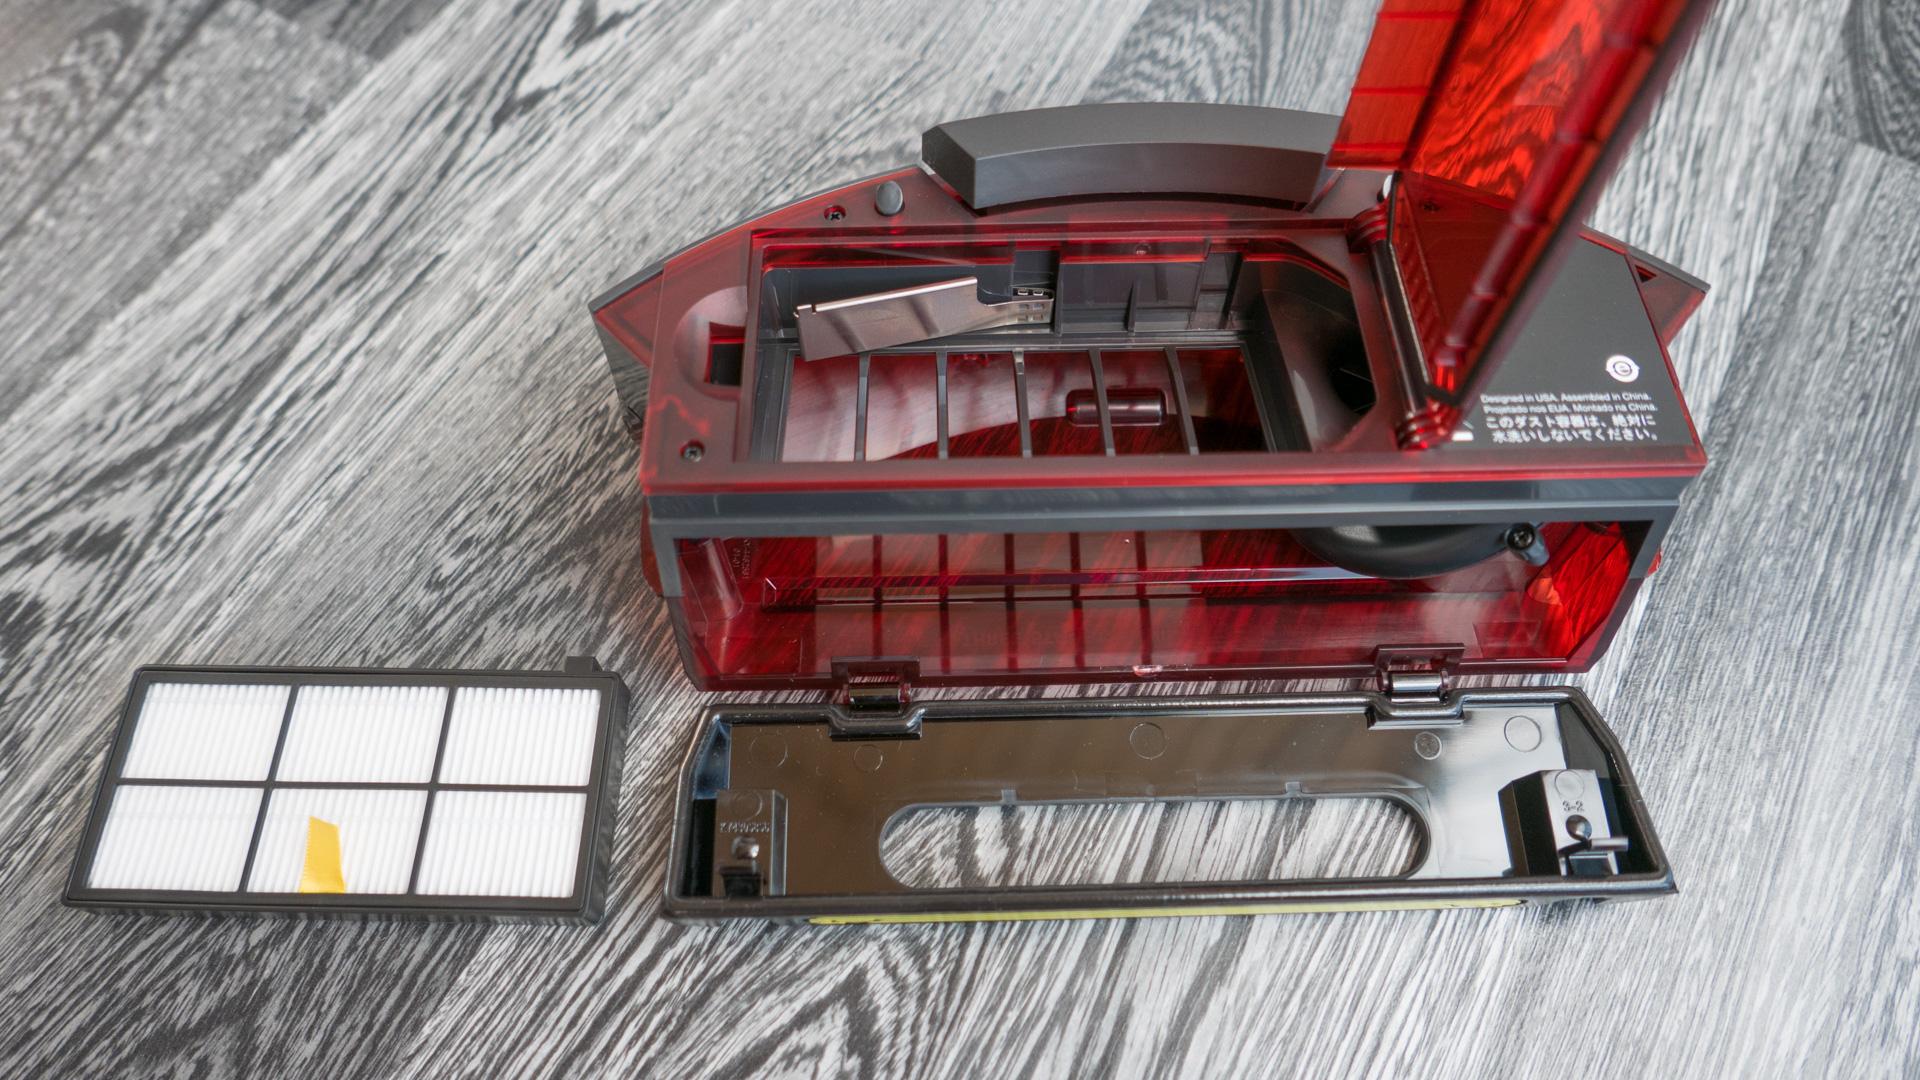 iRobot Roomba 980 Staubbehälter 11